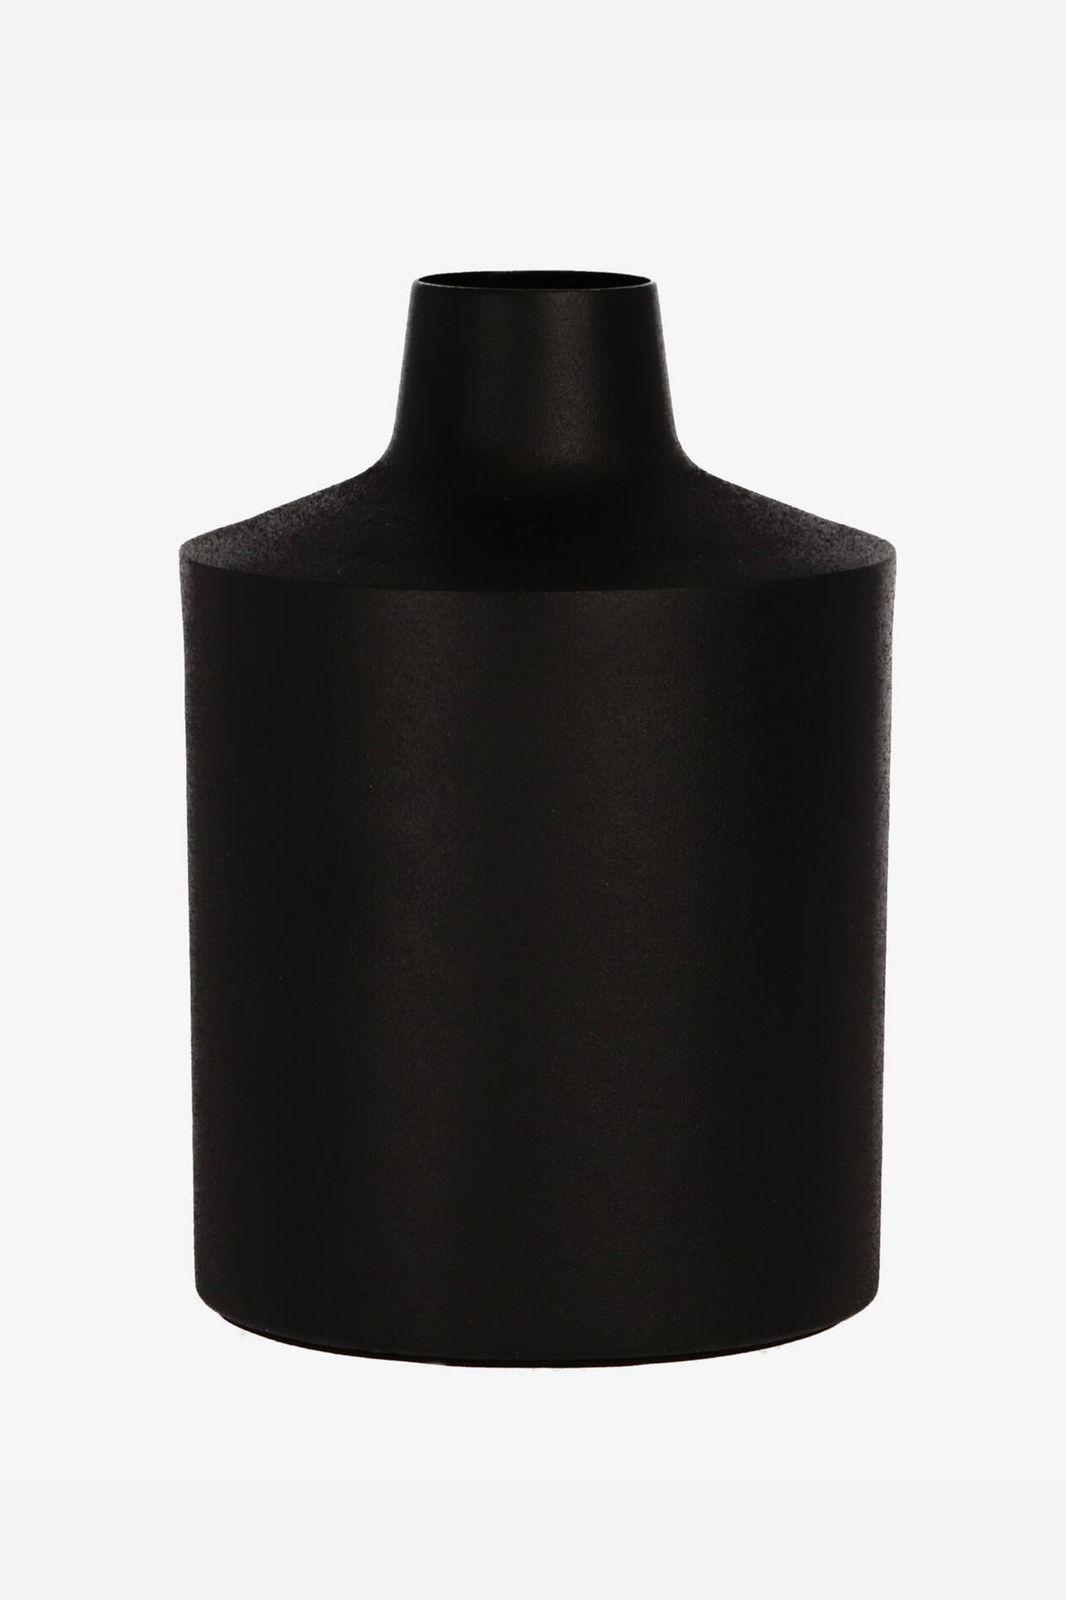 Zwarte vaas met matte coating - Homeland | Sissy-Boy